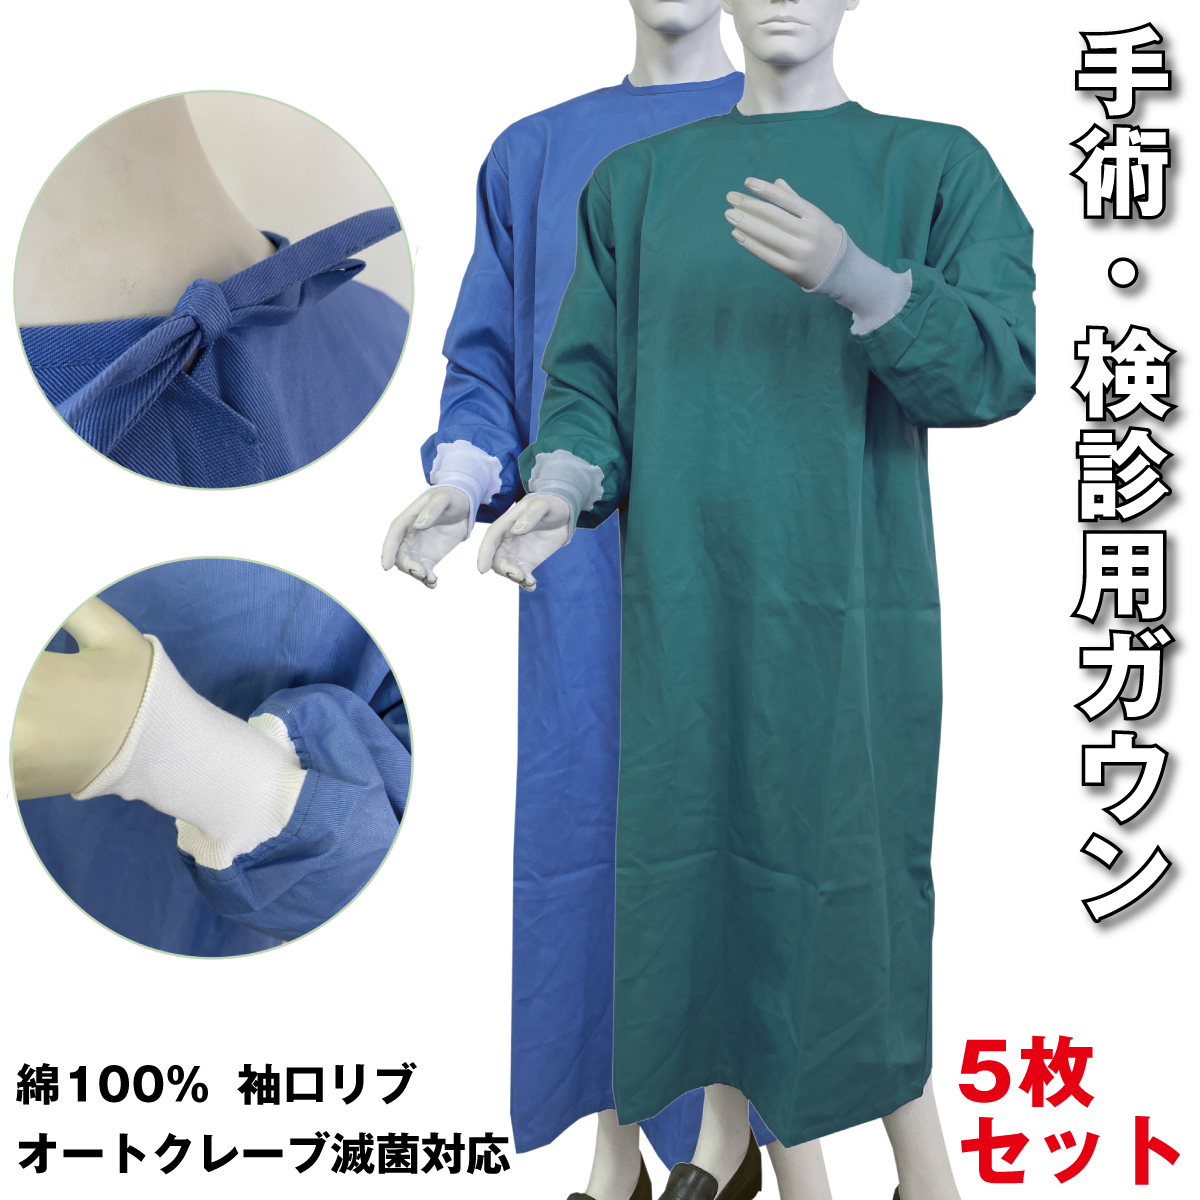 【送料無料】ガウン5枚セット 手術用 検診用 綿100% 日本製 ハイルバーティ 袖口リブ オートクレーブ対応